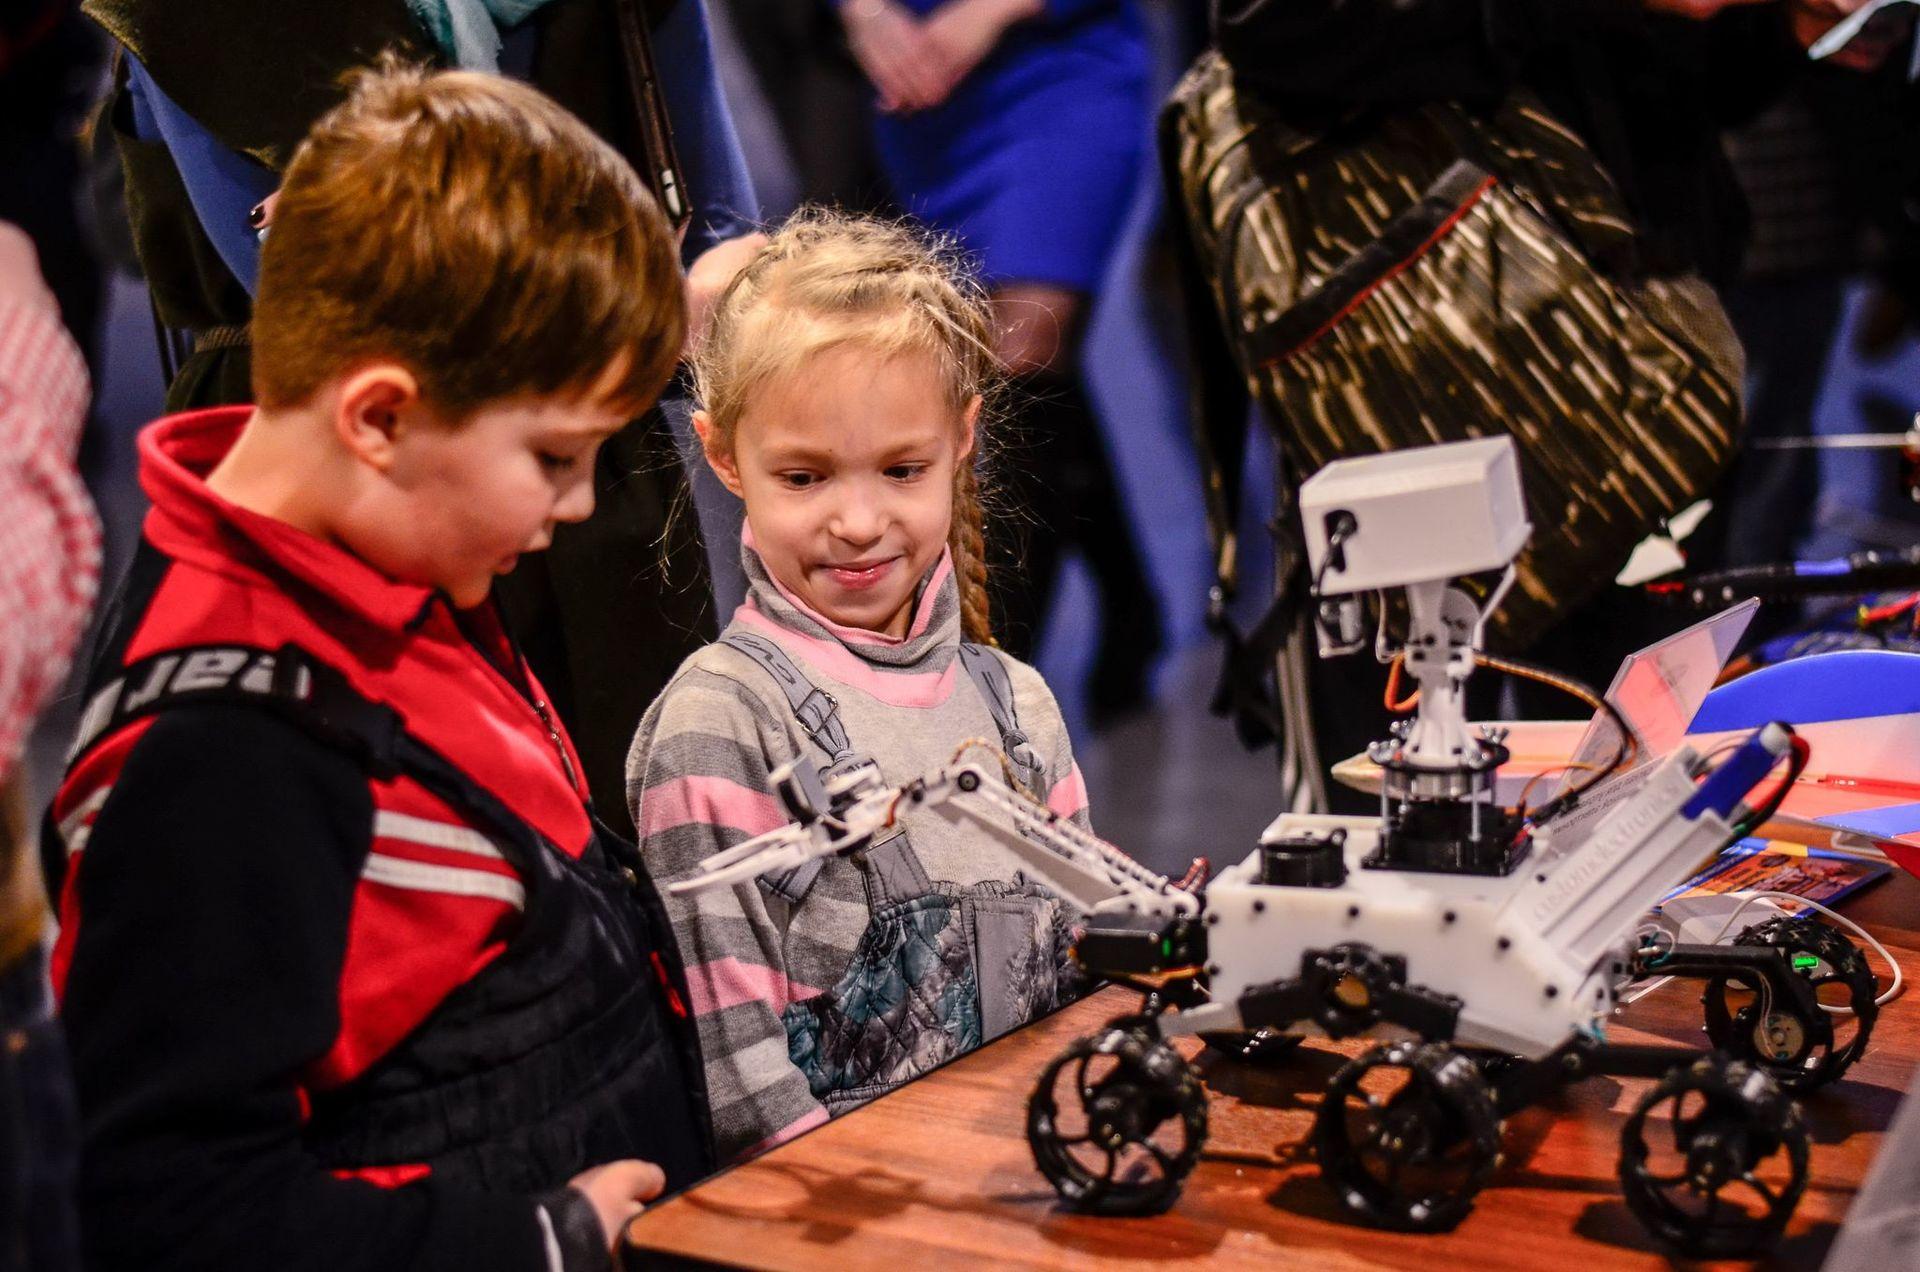 Фестиваль Город Технотворчества 2016, или как привлечь детей к технике - 11